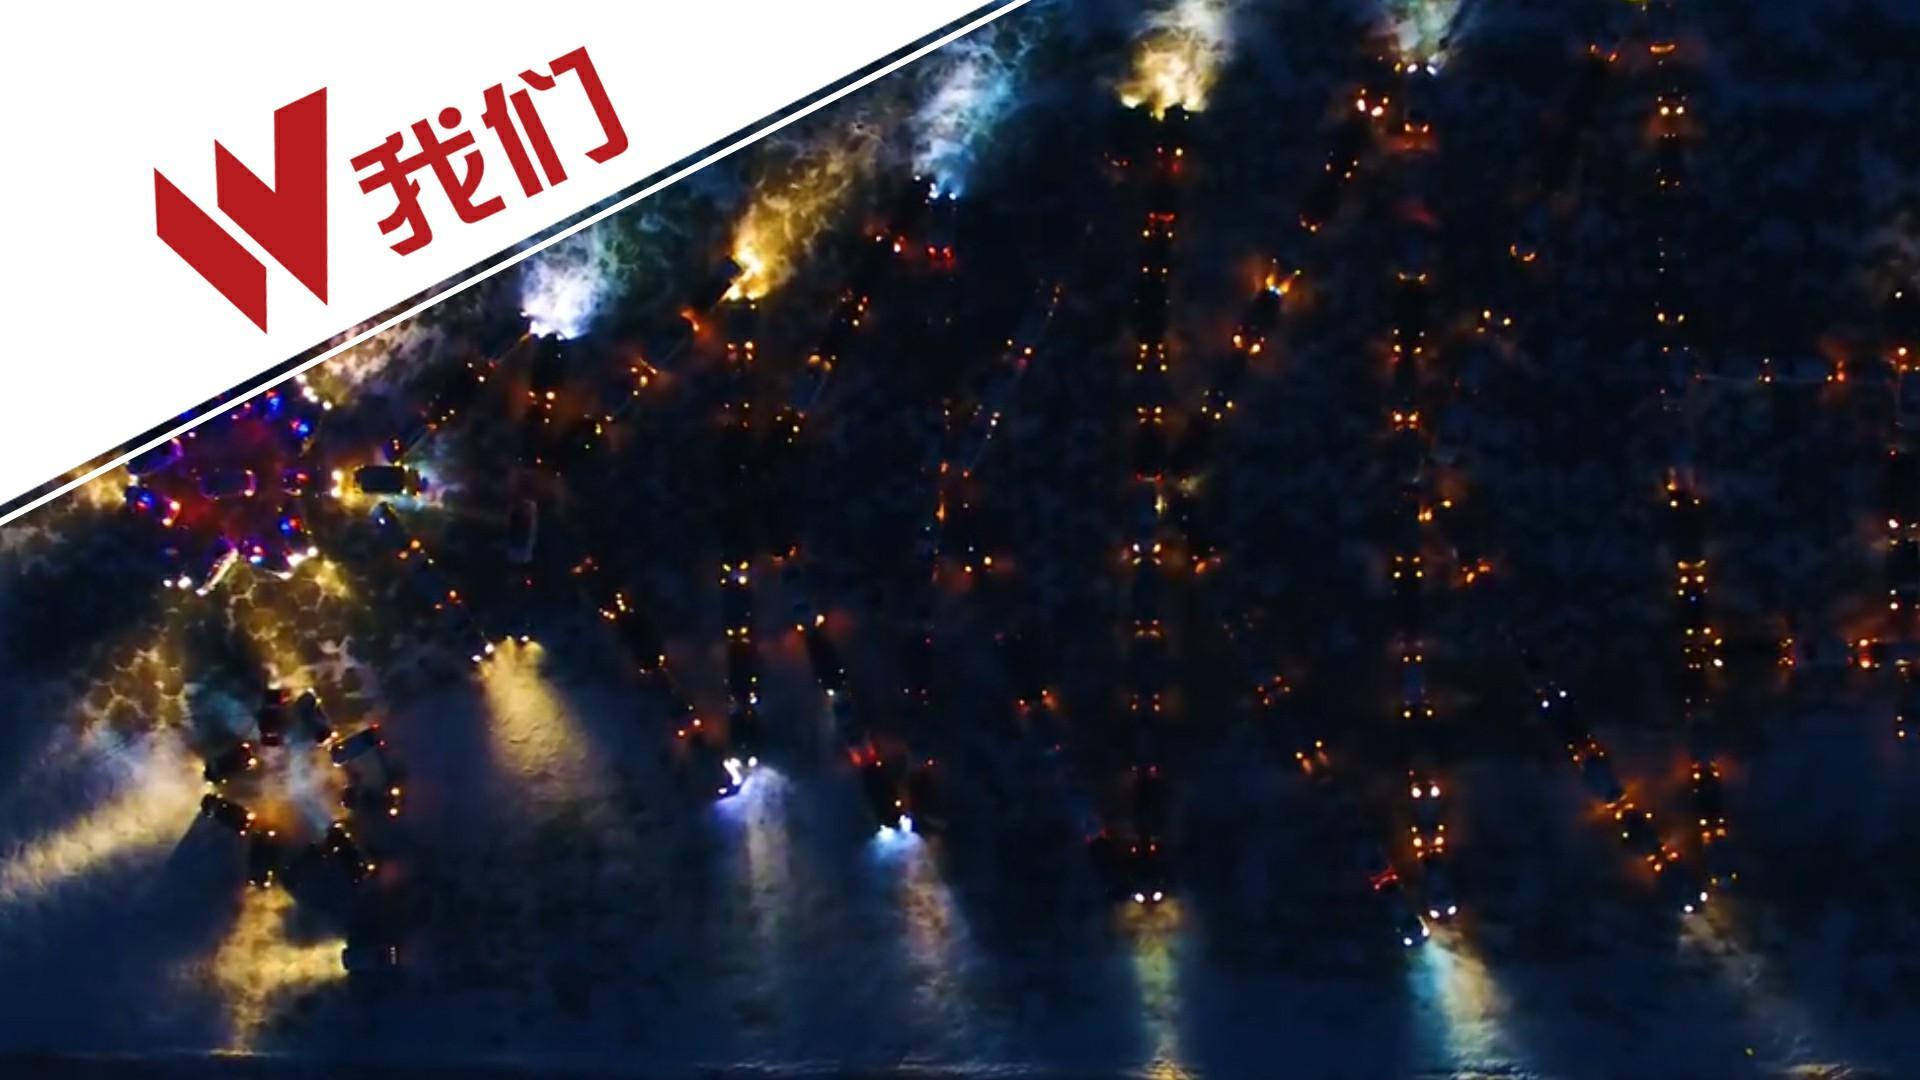 快闪族新创意!159辆车摆成巨大圣诞树 车灯频闪美不胜